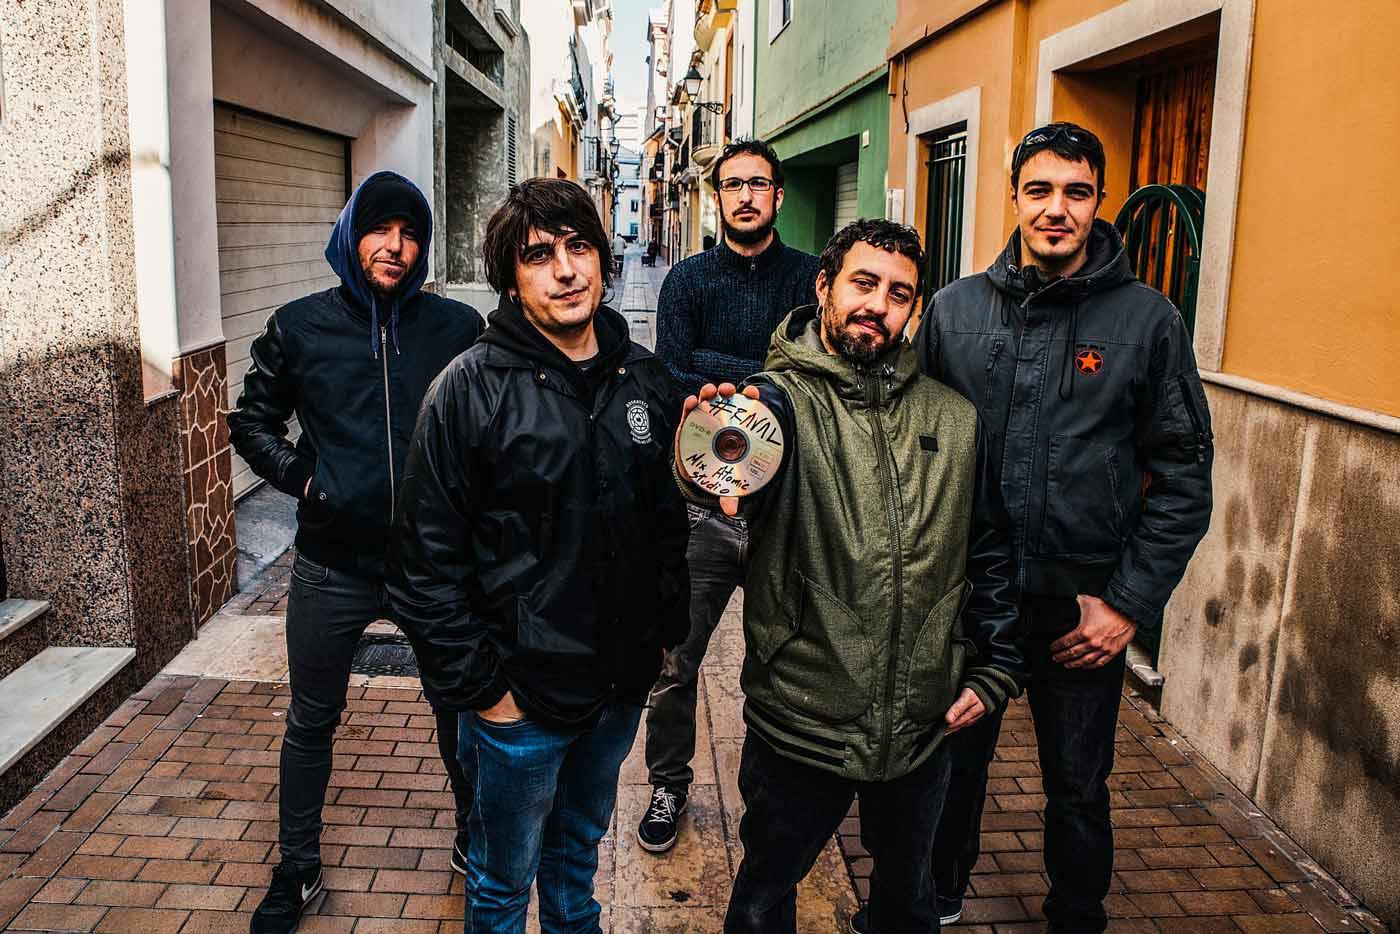 El festival In-Somni de Girona anuncia los primeros nombres